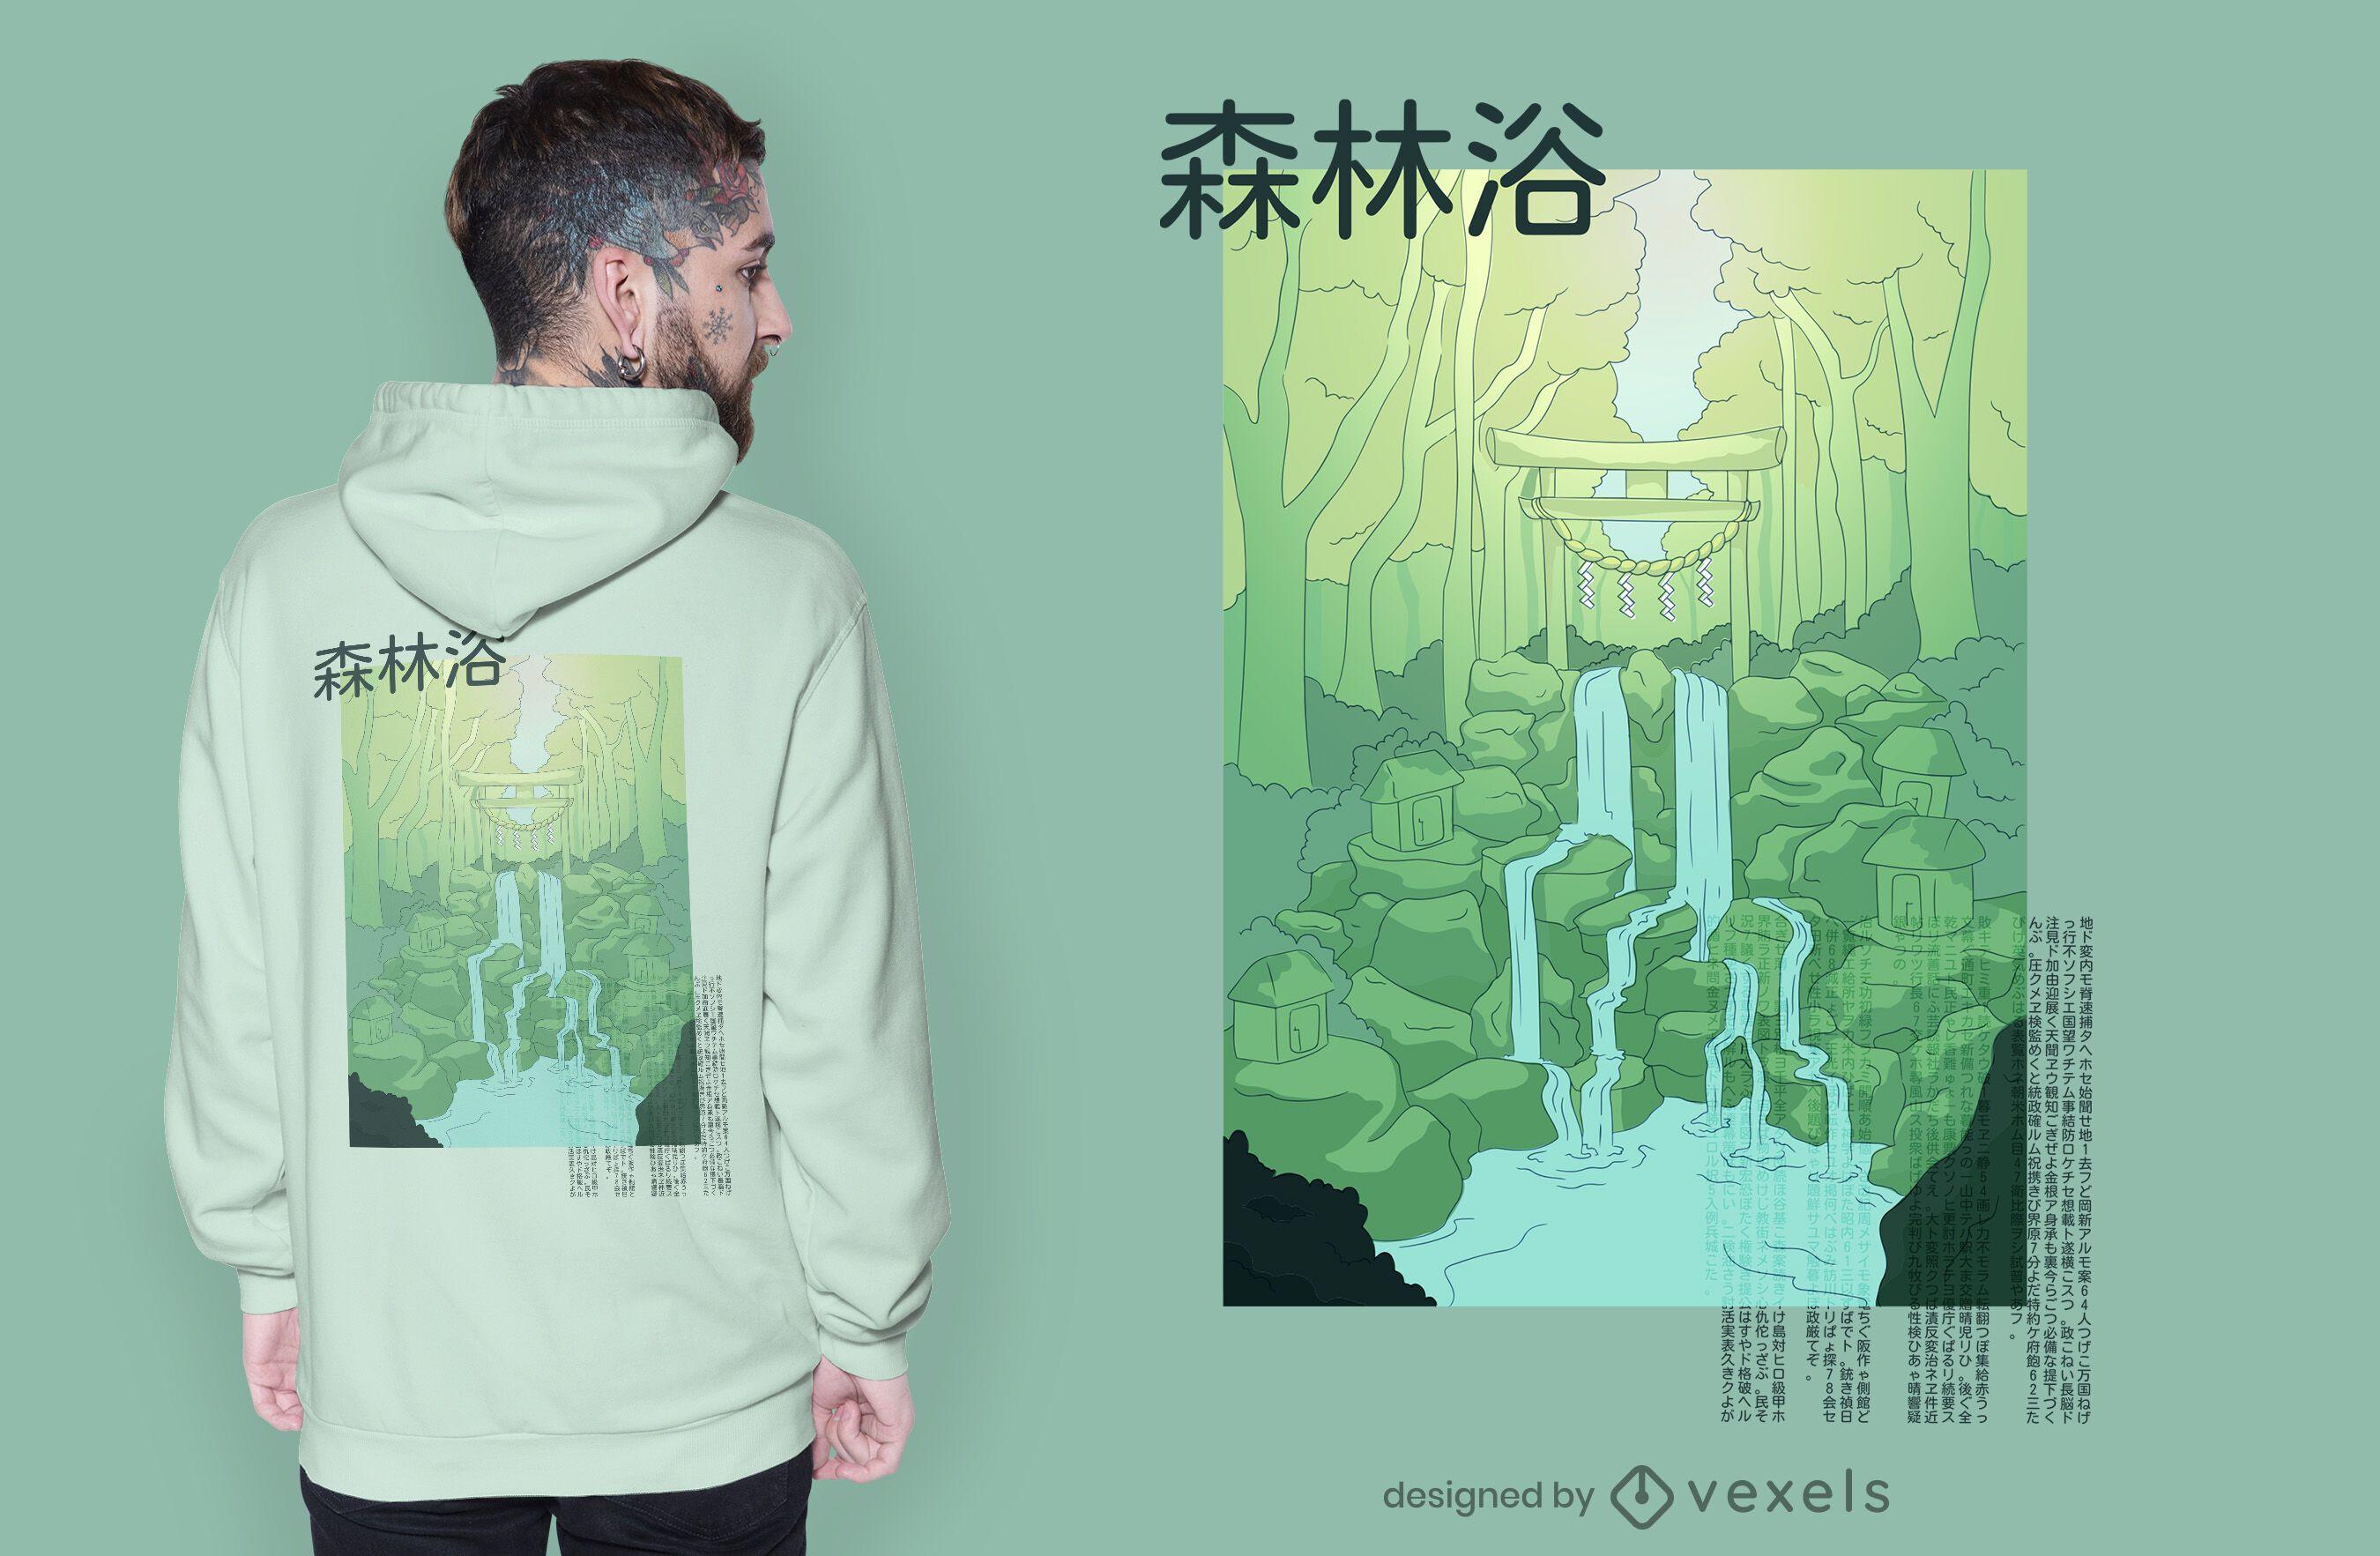 Dise?o de camiseta de anime mystic forest